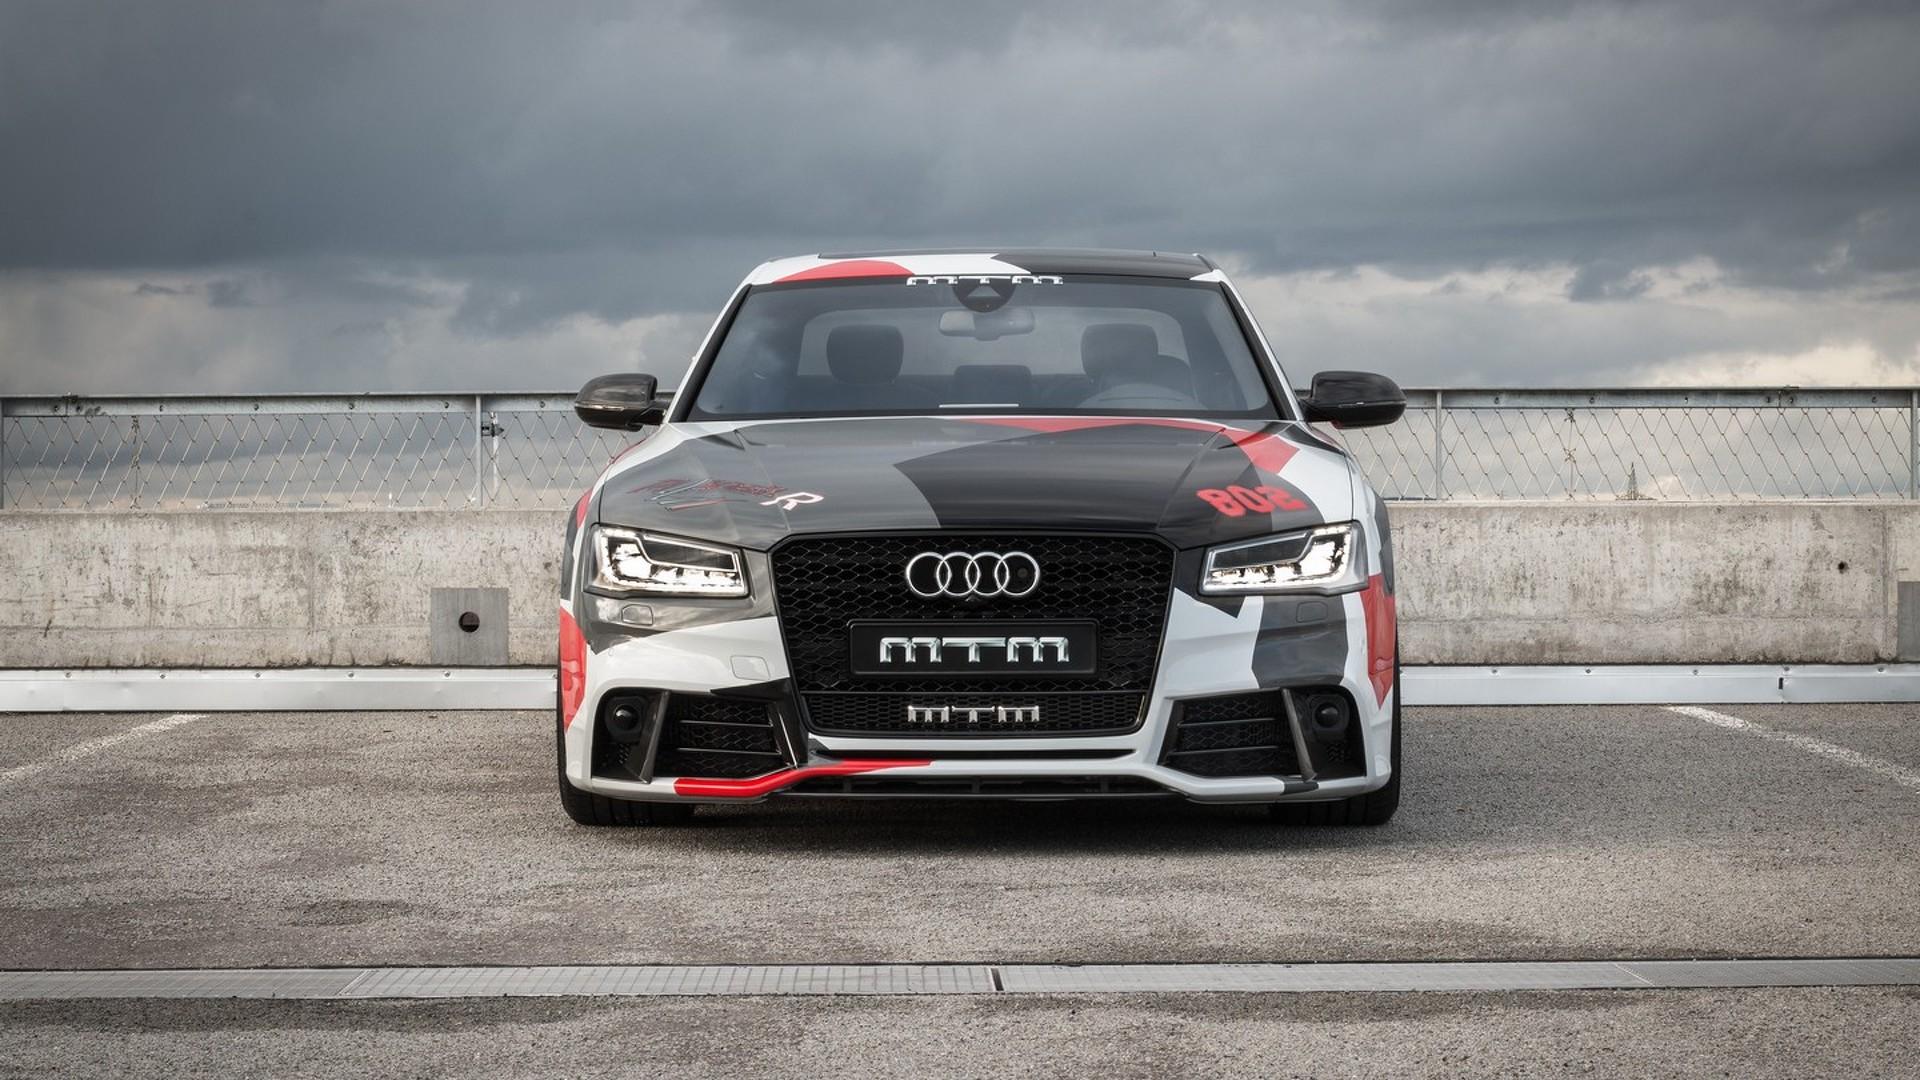 Mtm 802 Hp Audi S8 Talladega R Costs 243k